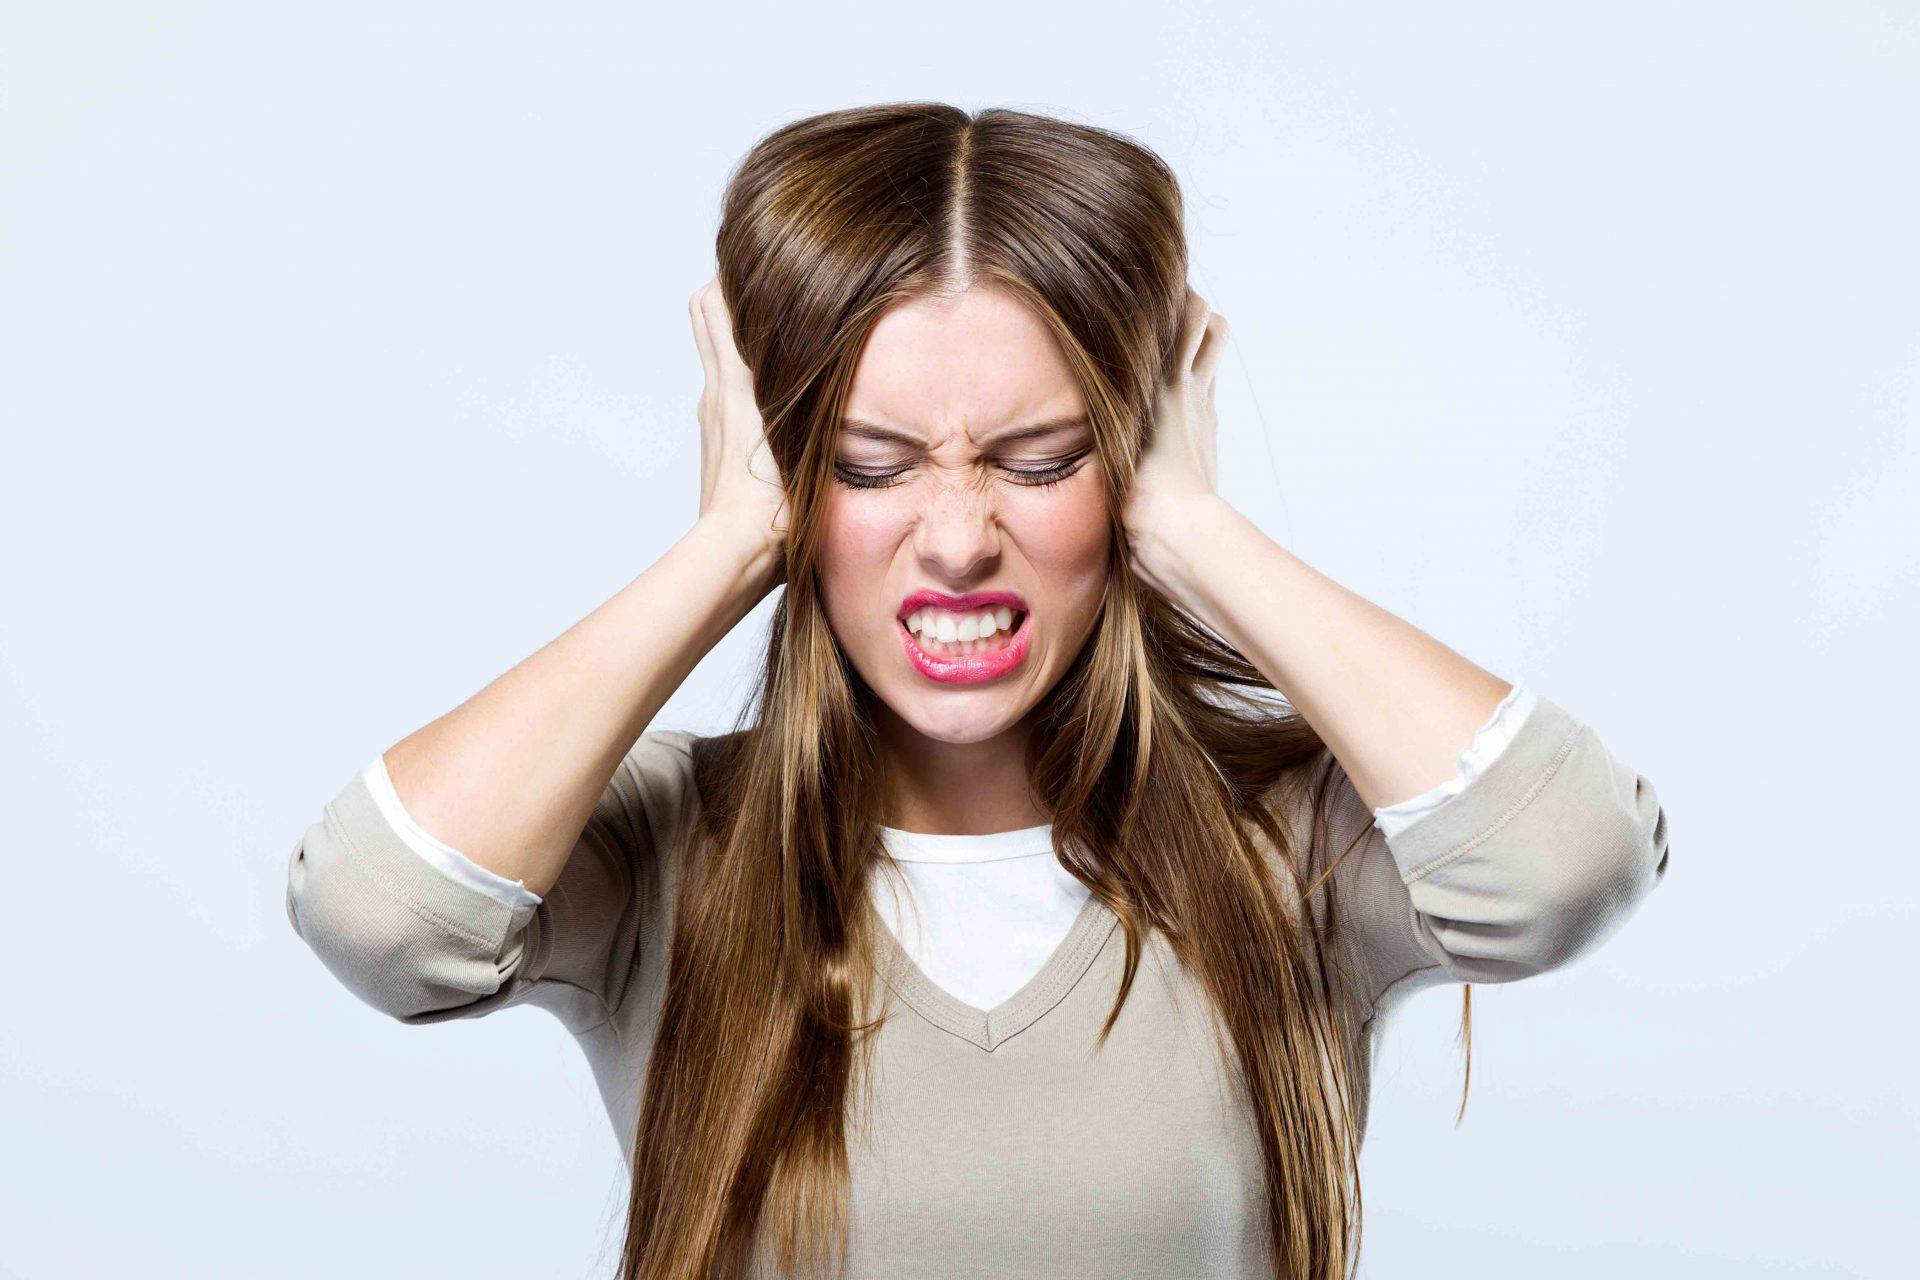 Zumbido no ouvindo atinge cerca de 20% dos brasileiros